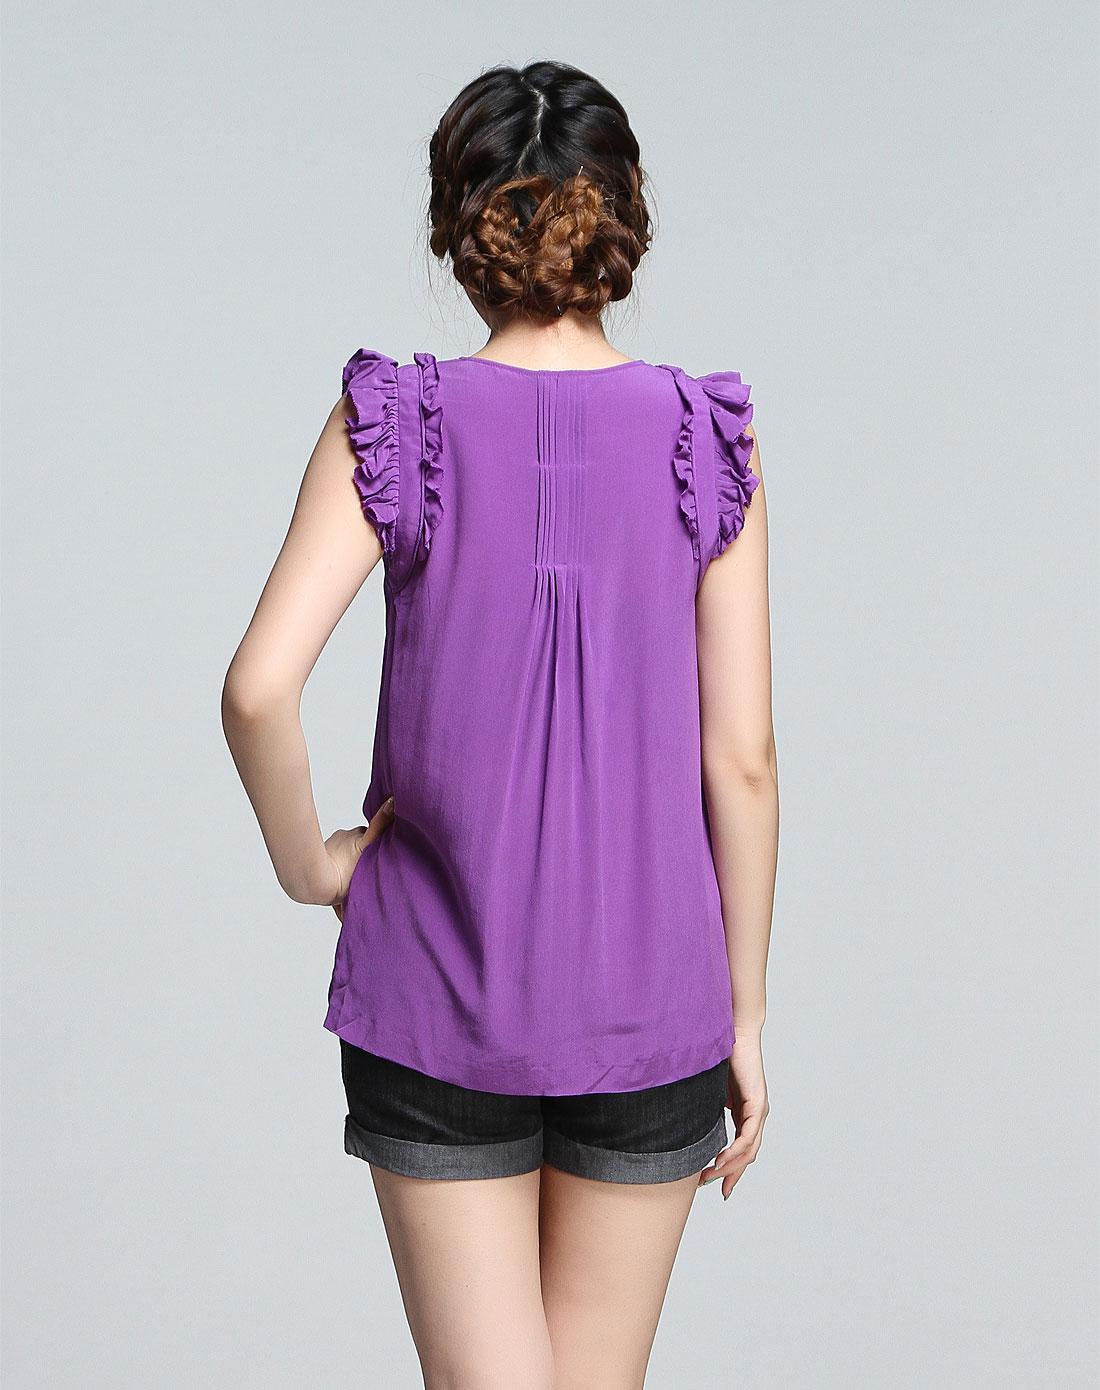 紫色半裙配什么上衣_紫色时尚无袖上衣